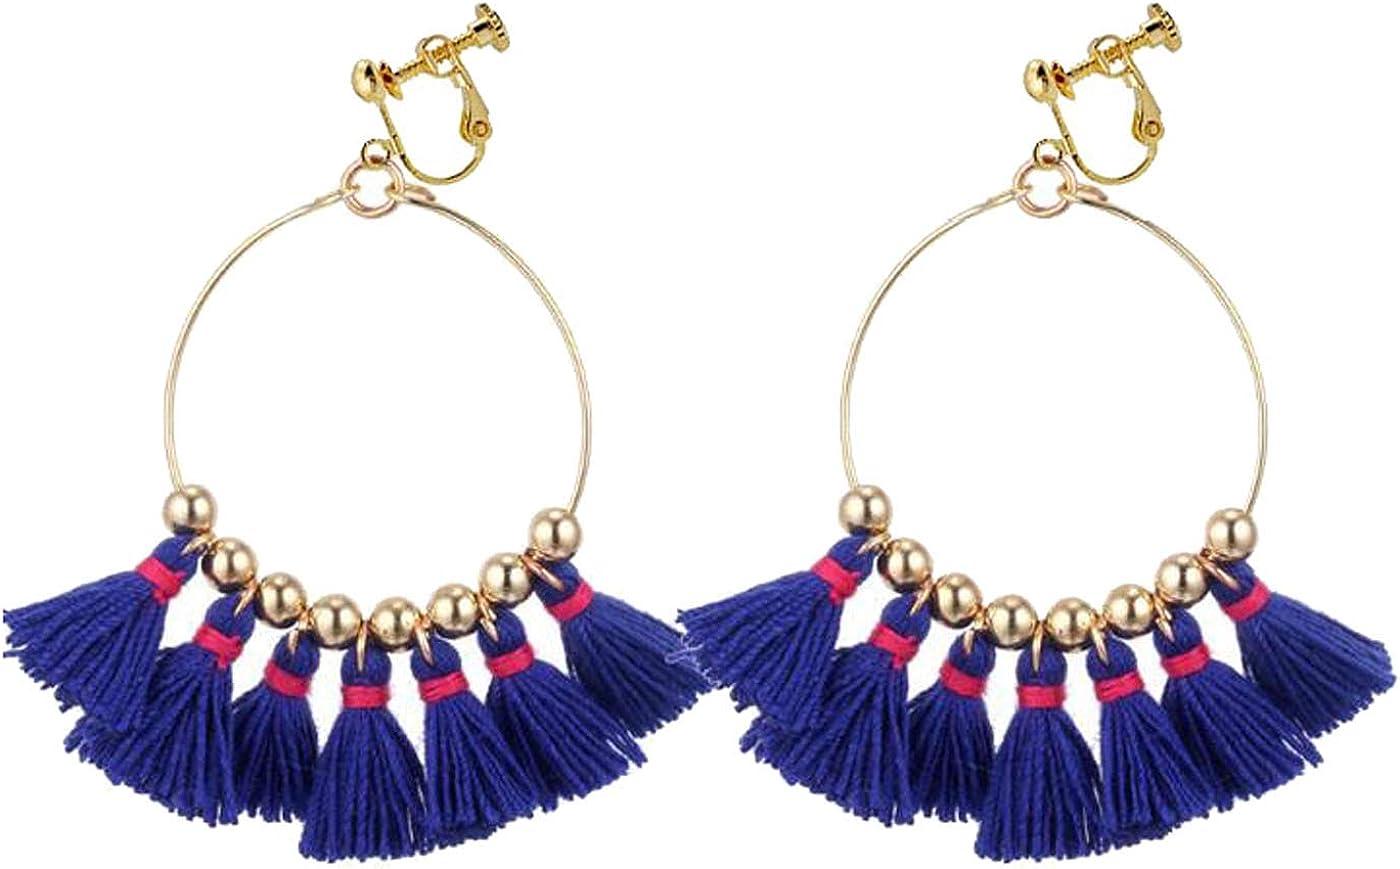 Retro Clip on Earrings Bohemian Earrings for Women Girls Dangle Drop Silk Tassel Fringe Beaded Vintage Statement